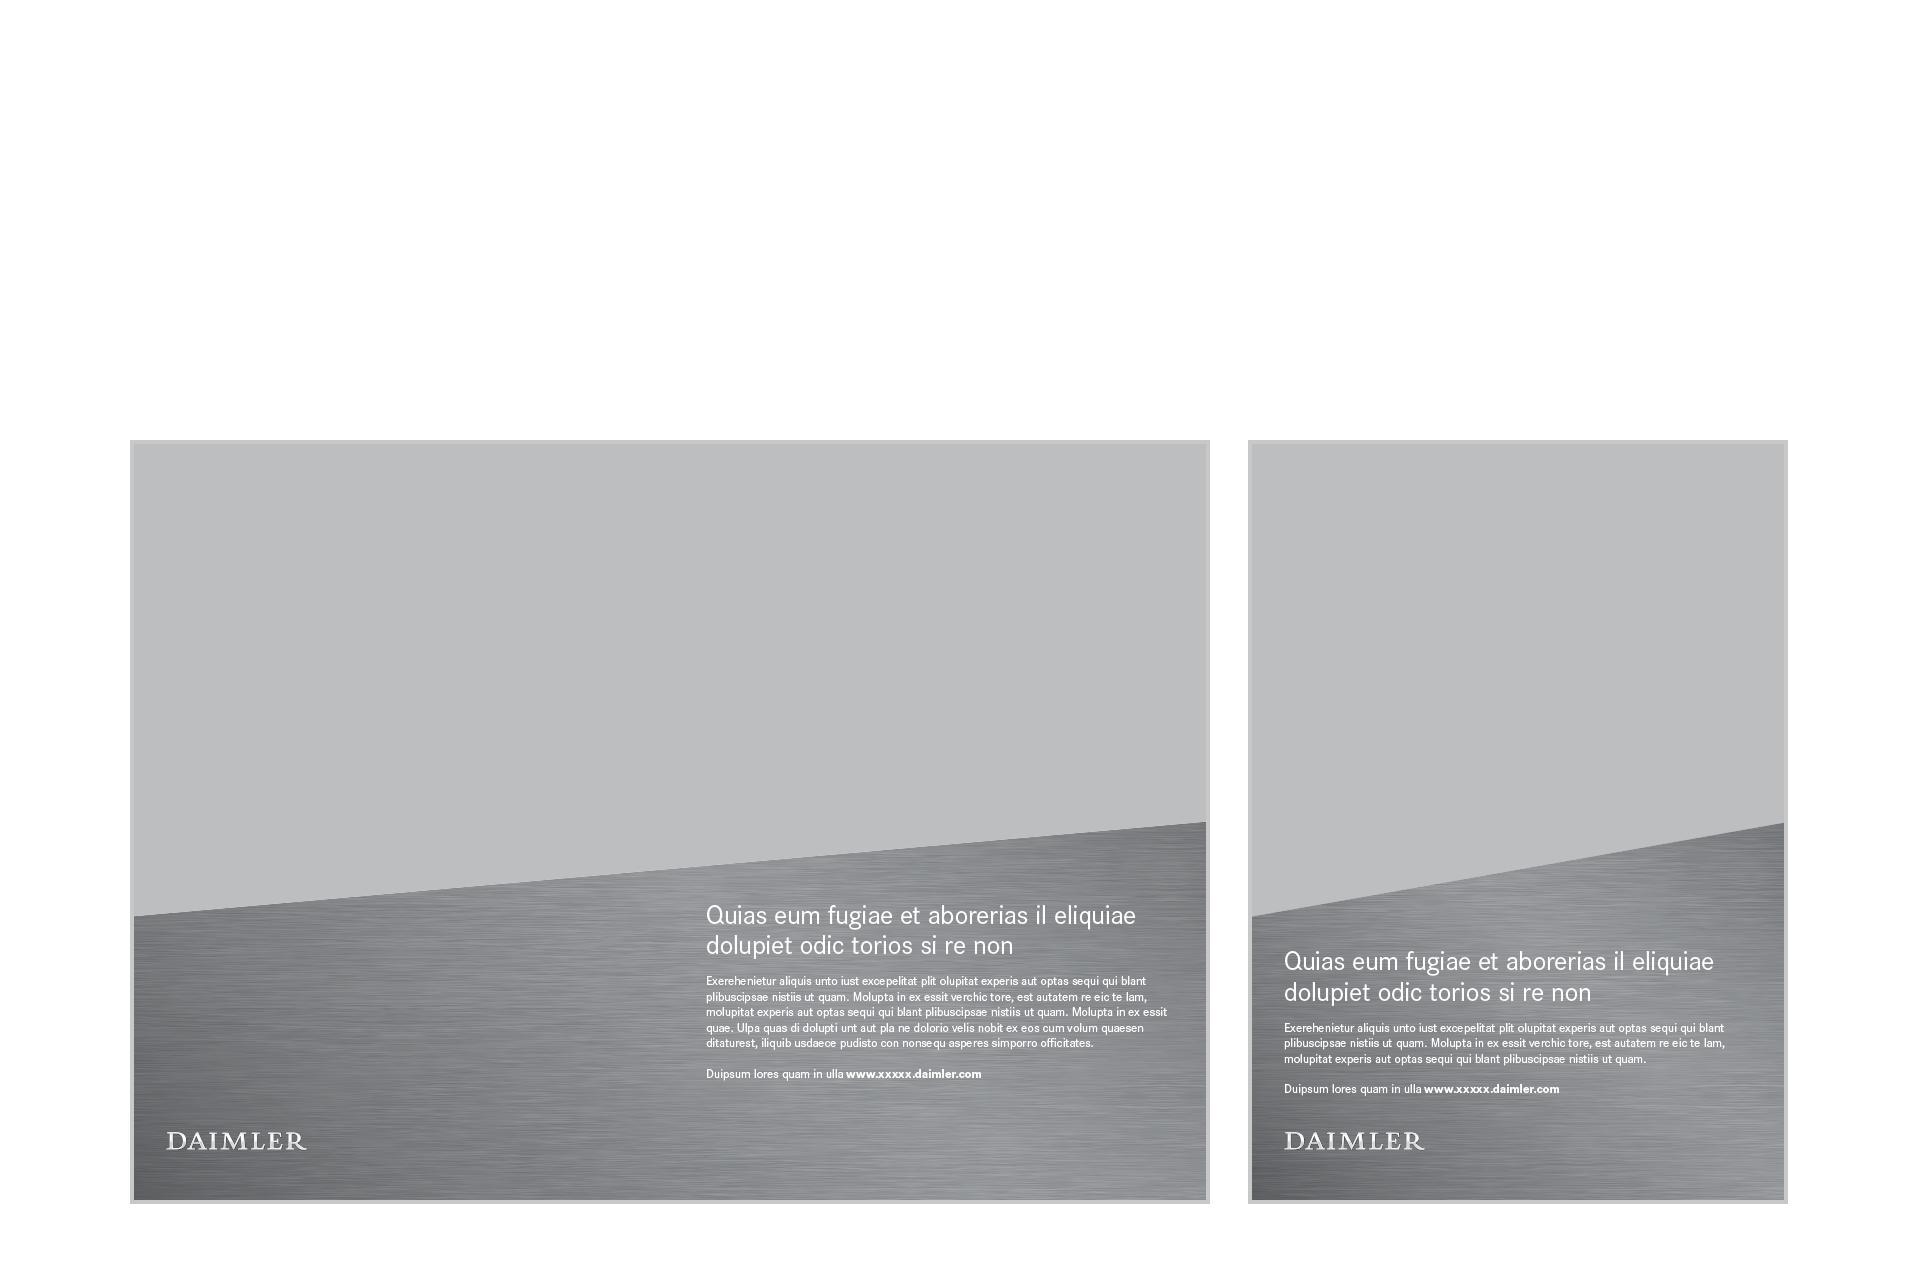 Brand & Design Navigator